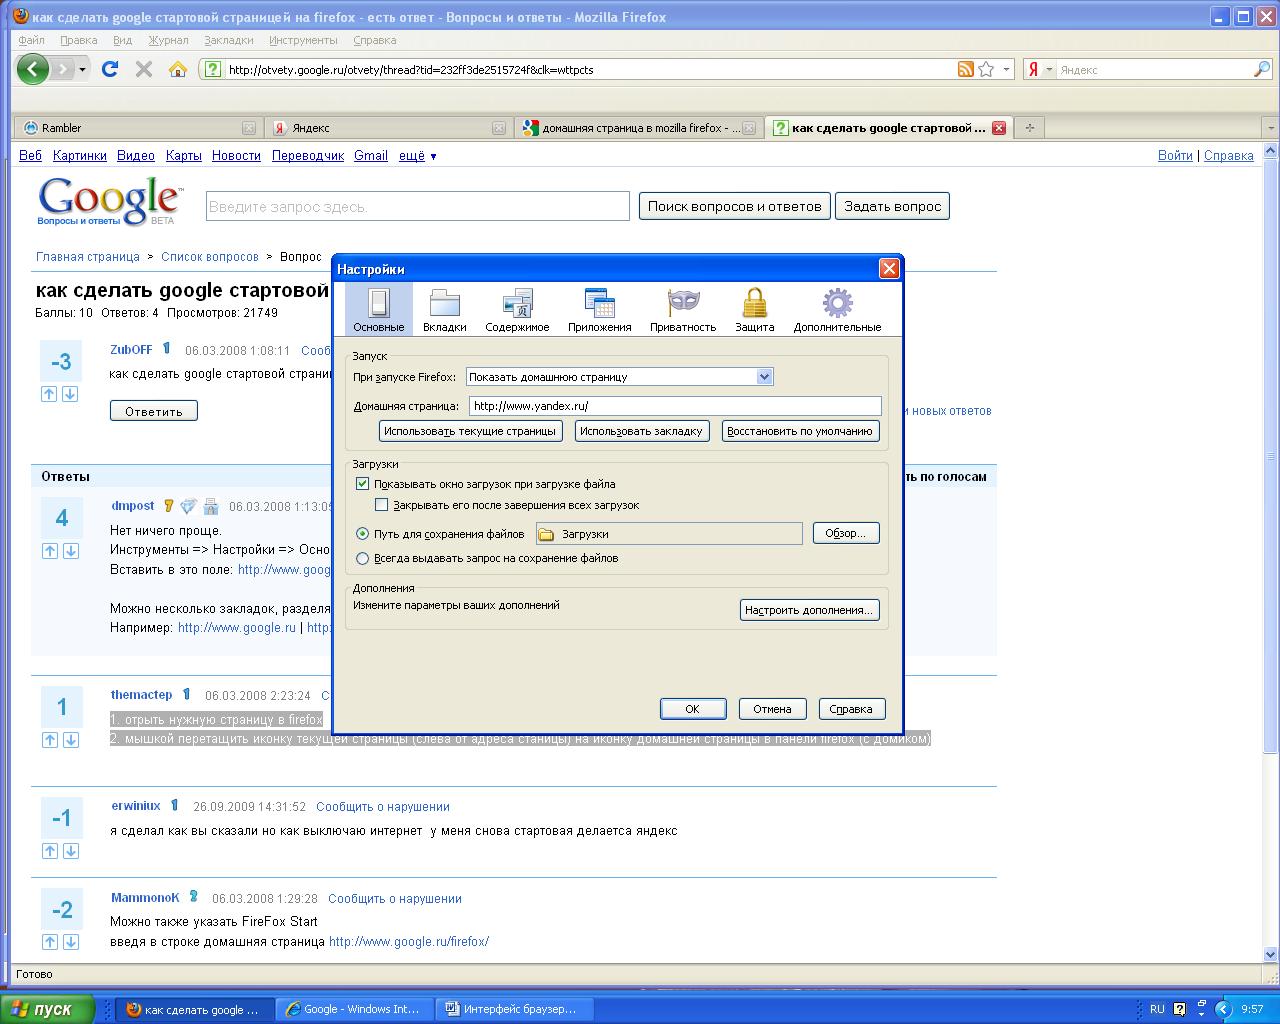 Как сделать гугл домашней страницей в мазиле